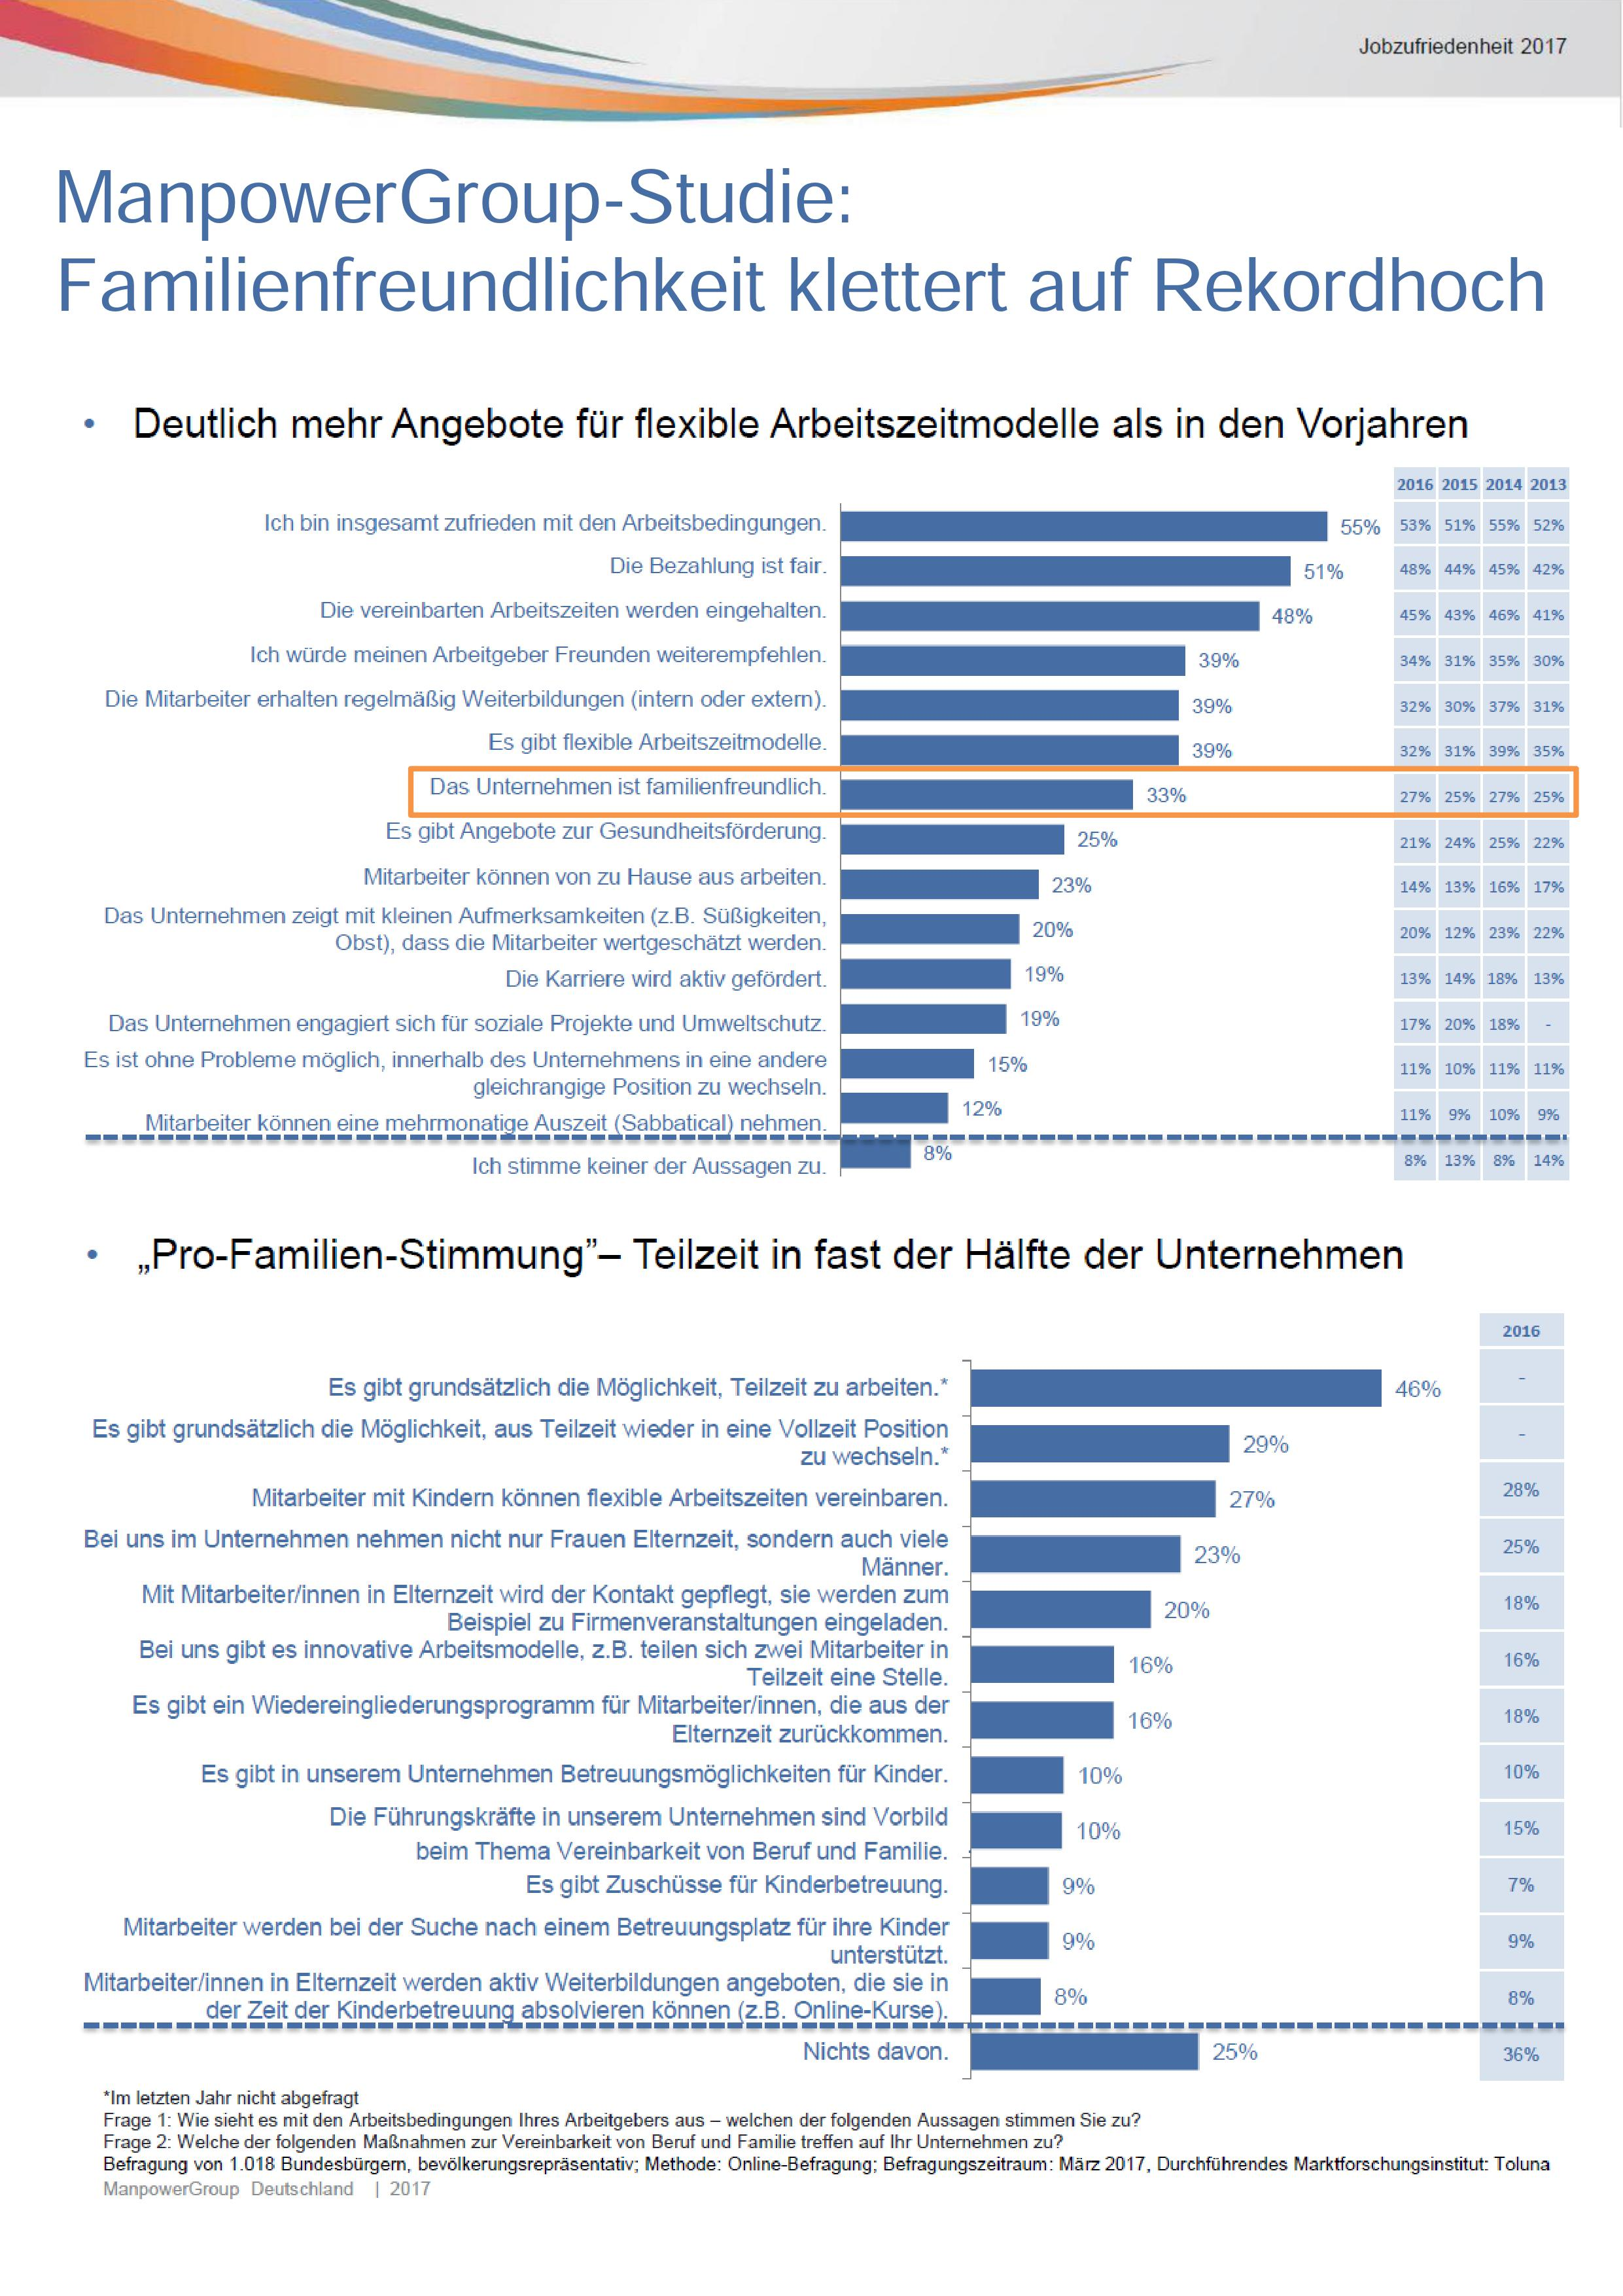 """Unternehmensstudie: Familienfreundlichkeit klettert auf Rekordhoch / """"Pro-Familien-Stimmung"""" entwickelt sich in vielen Firmen / 39 Prozent der Arbeitgeber bieten flexible Arbeitszeitmodelle"""